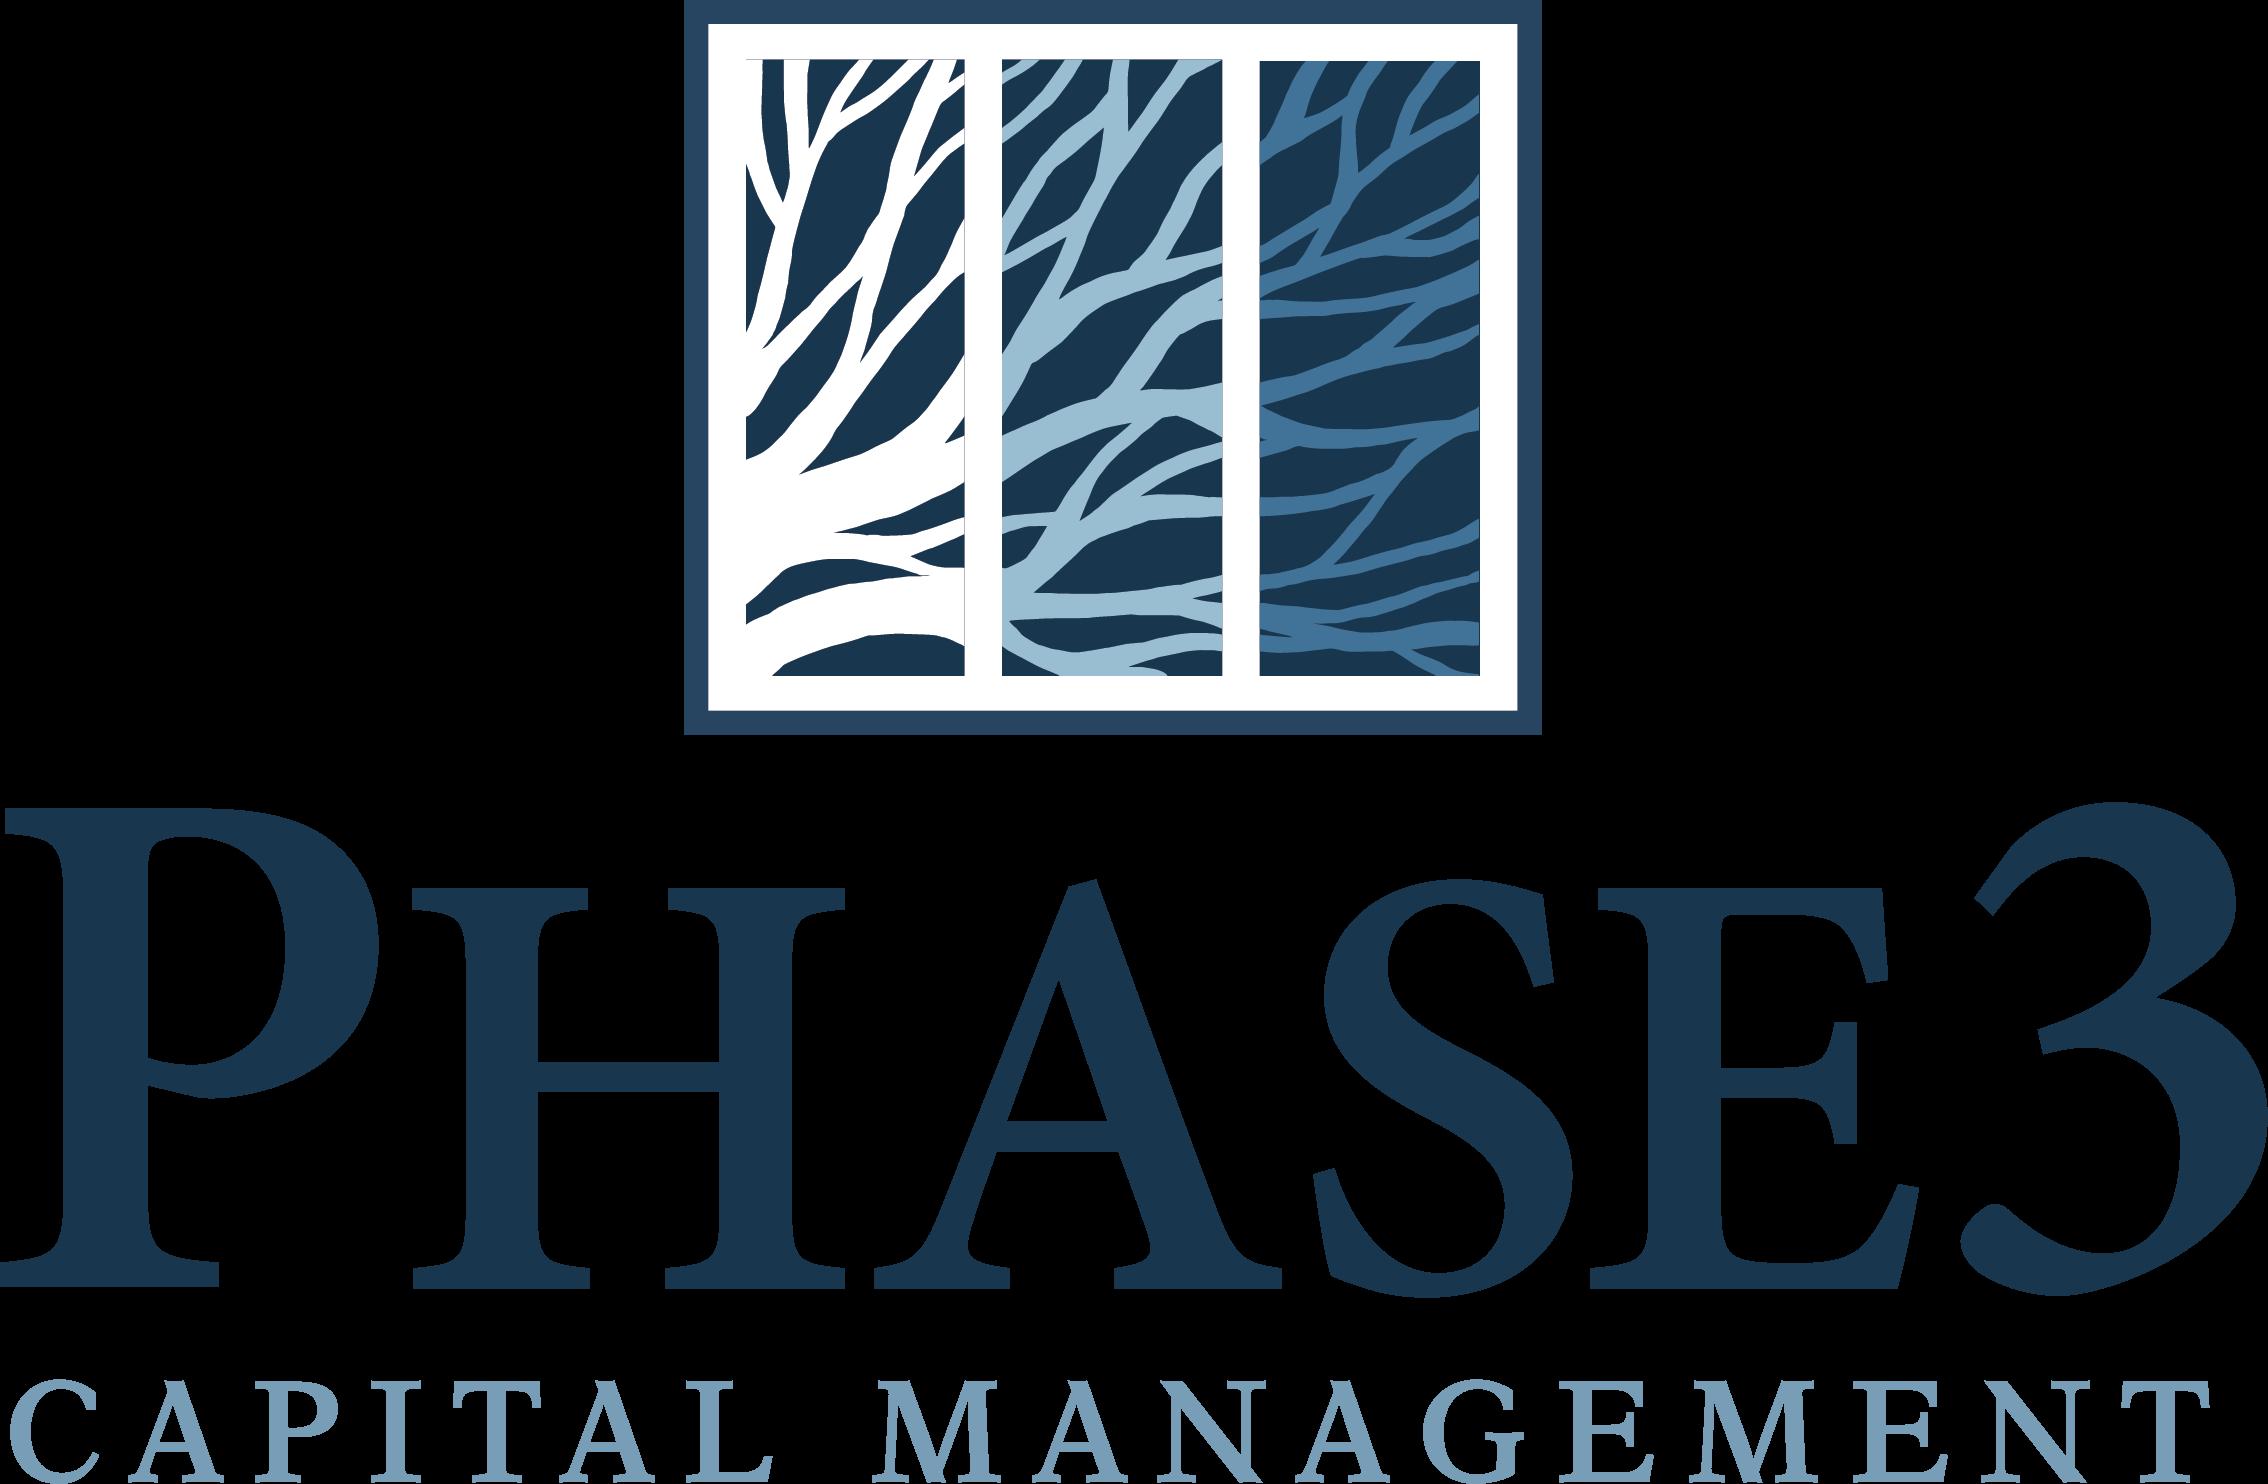 Phase3 Capital Management